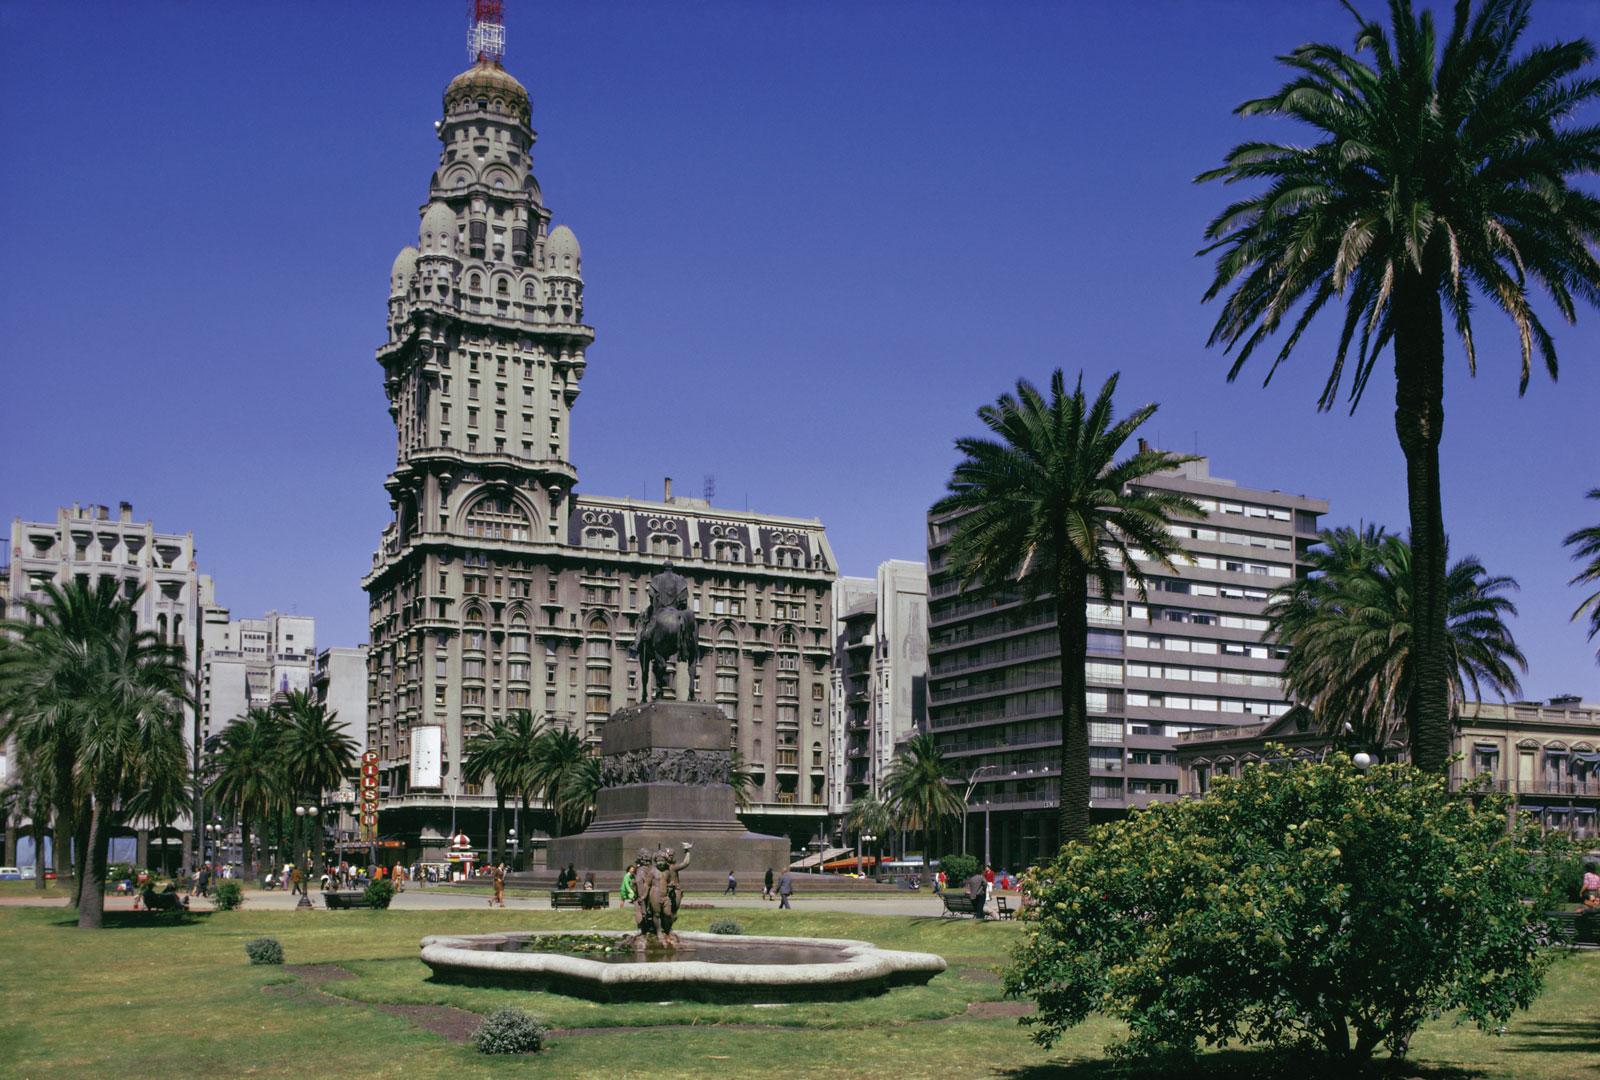 Z wizytą w Ameryce Południowej: Urugwaj